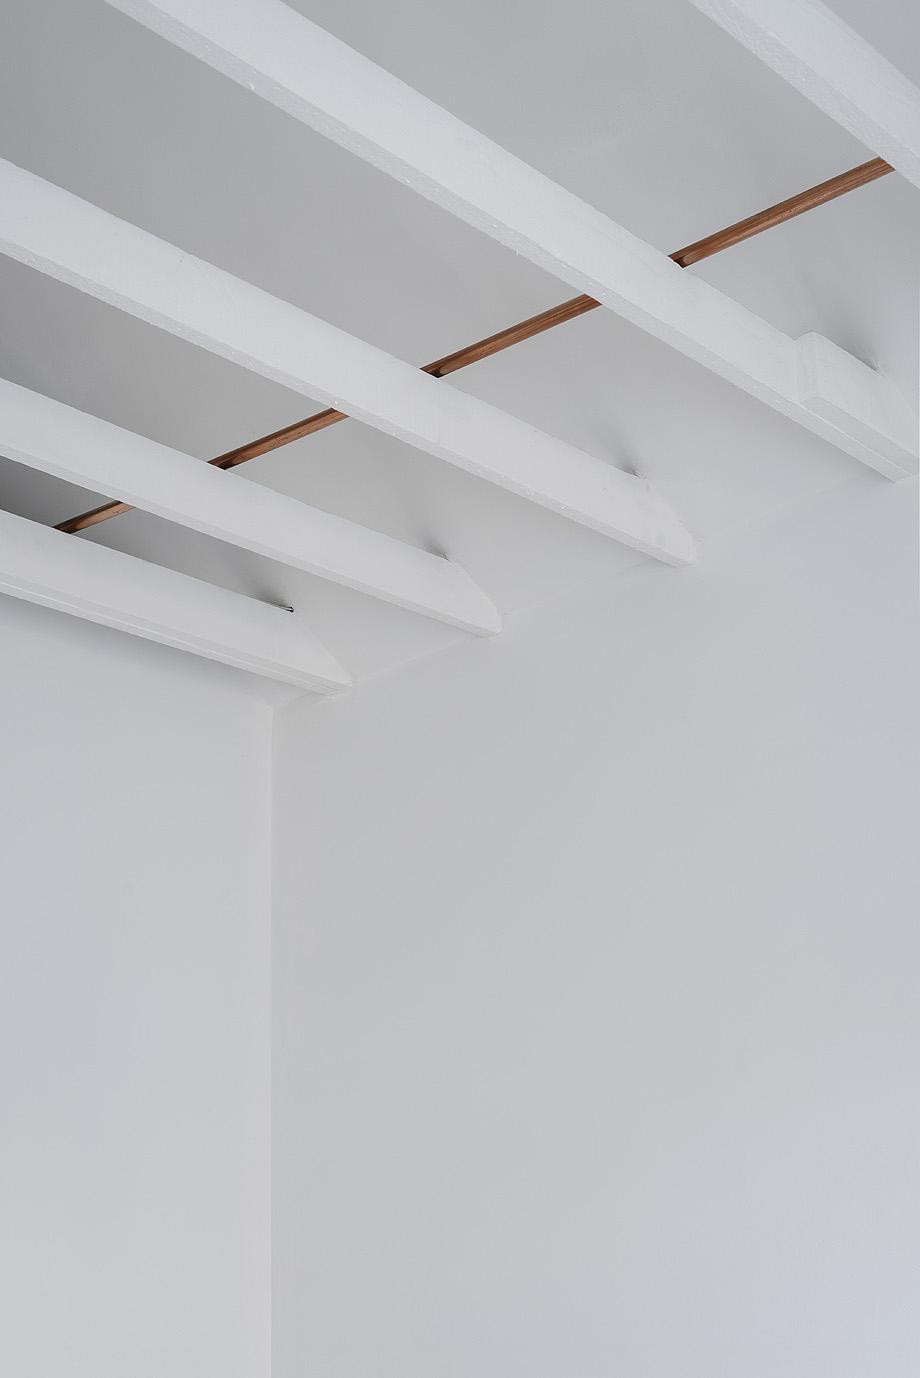 curtain cottage de studio apparte (16)